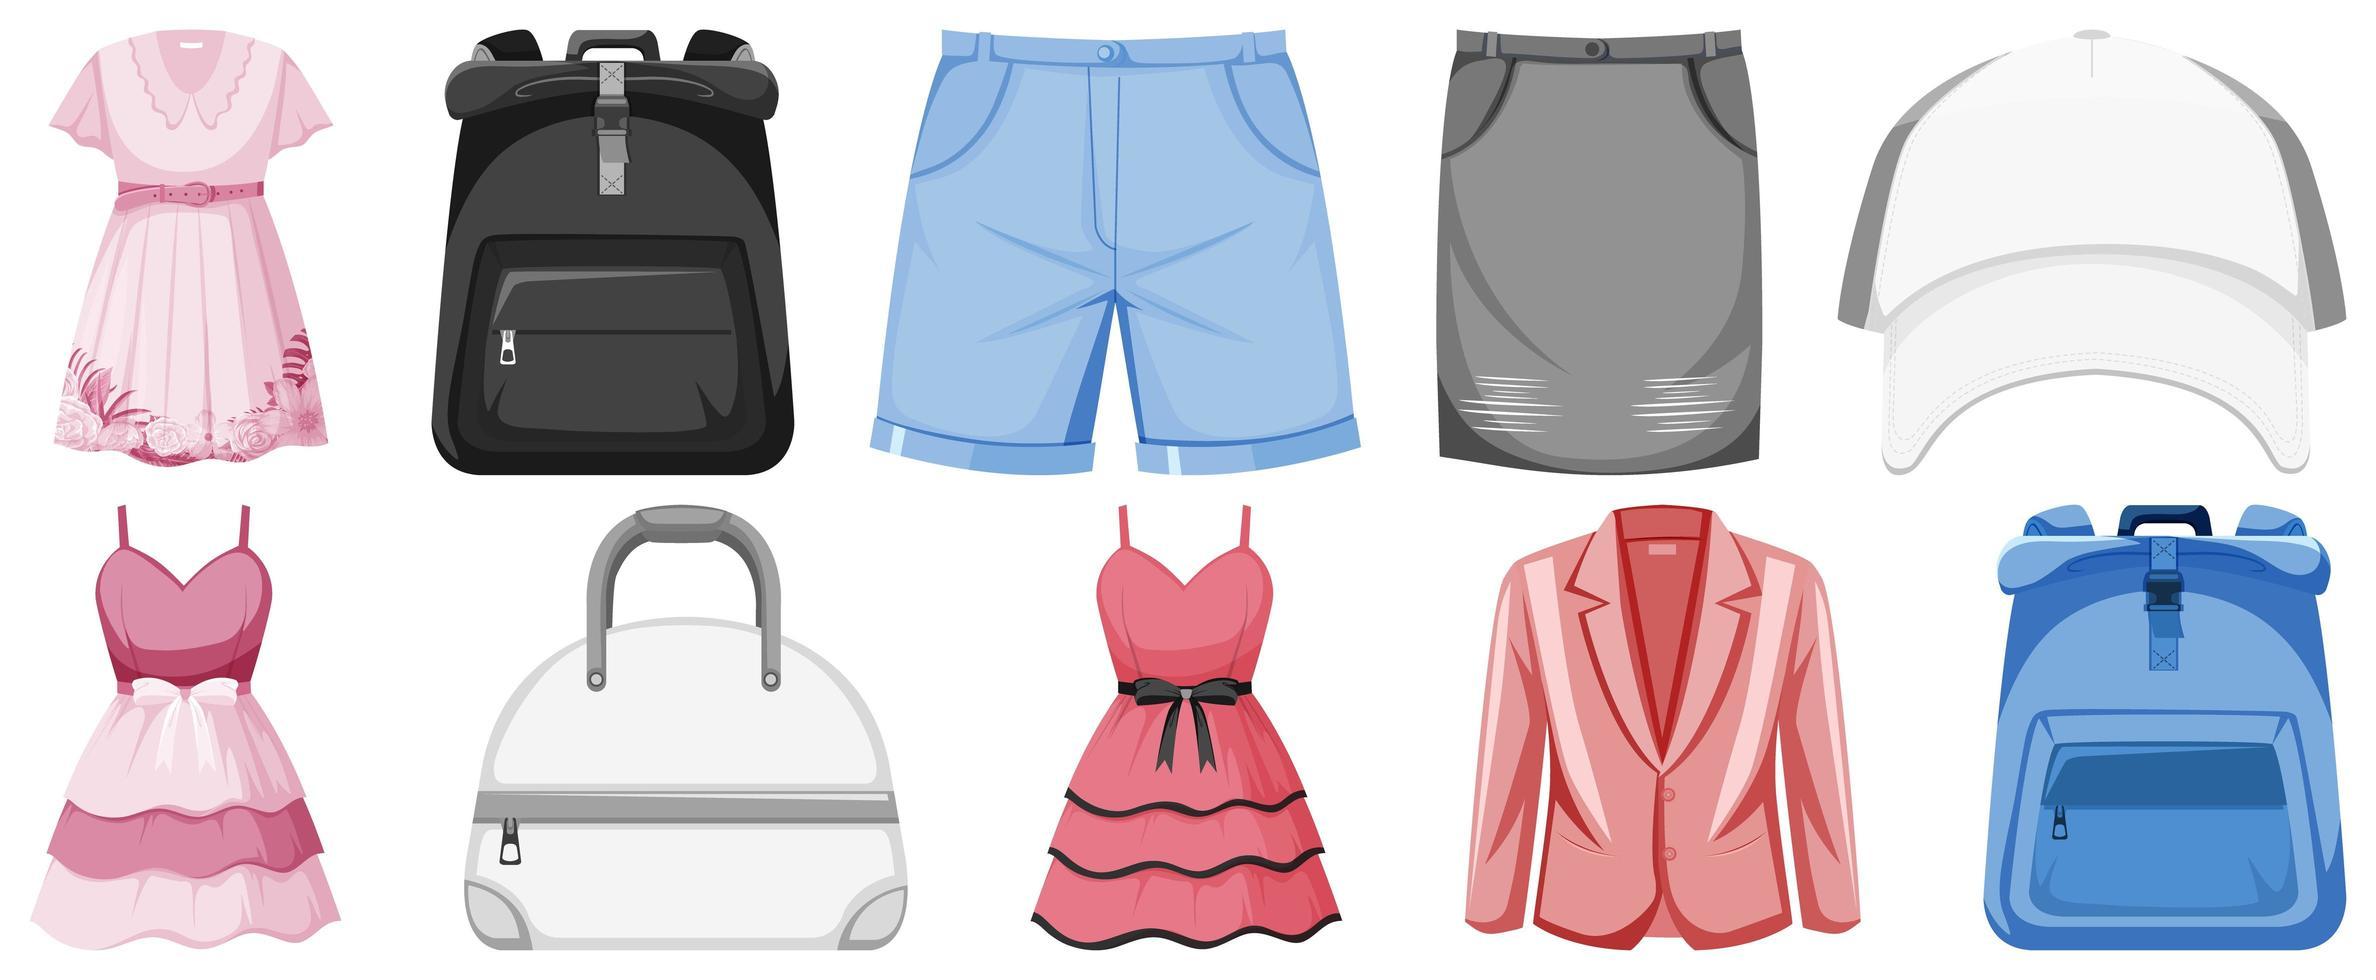 conjunto de ropa maqueta vector